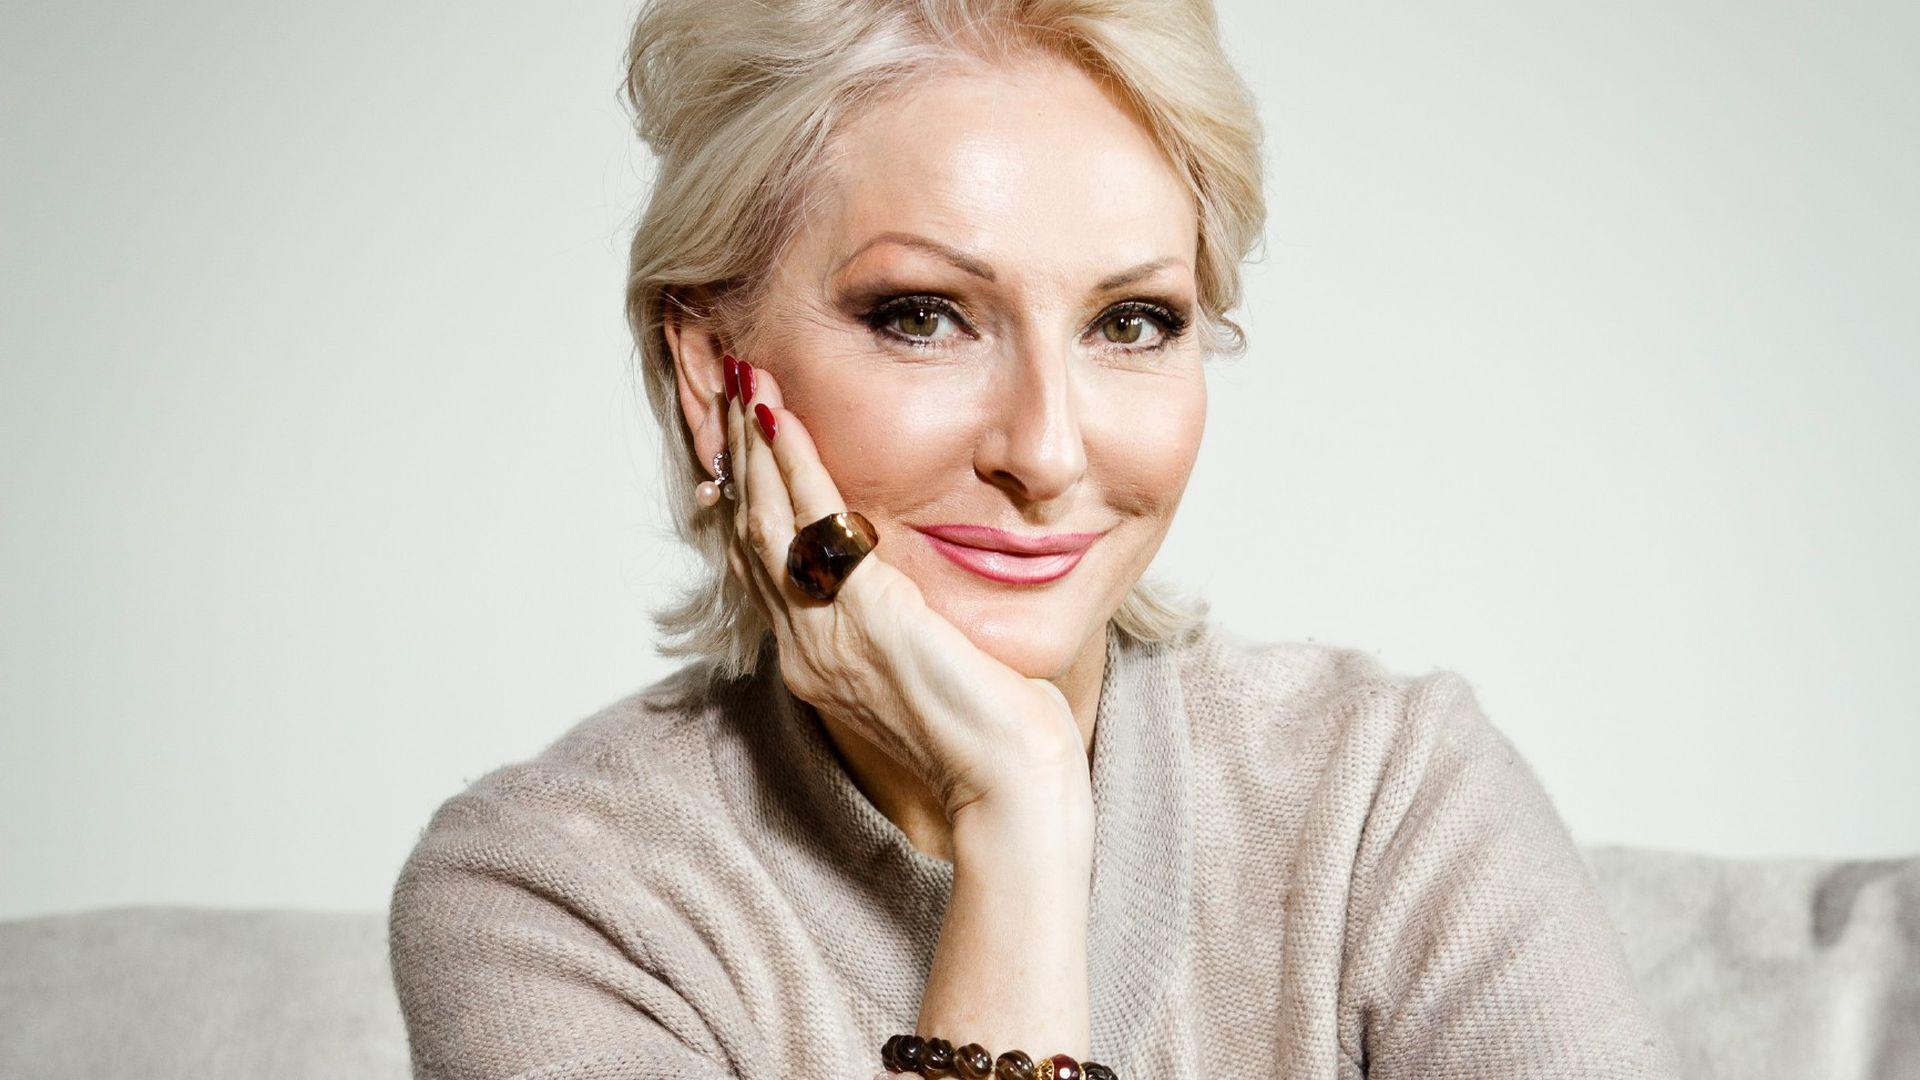 Promi Big Brother: Désirée Nick findet Sarah Nowak